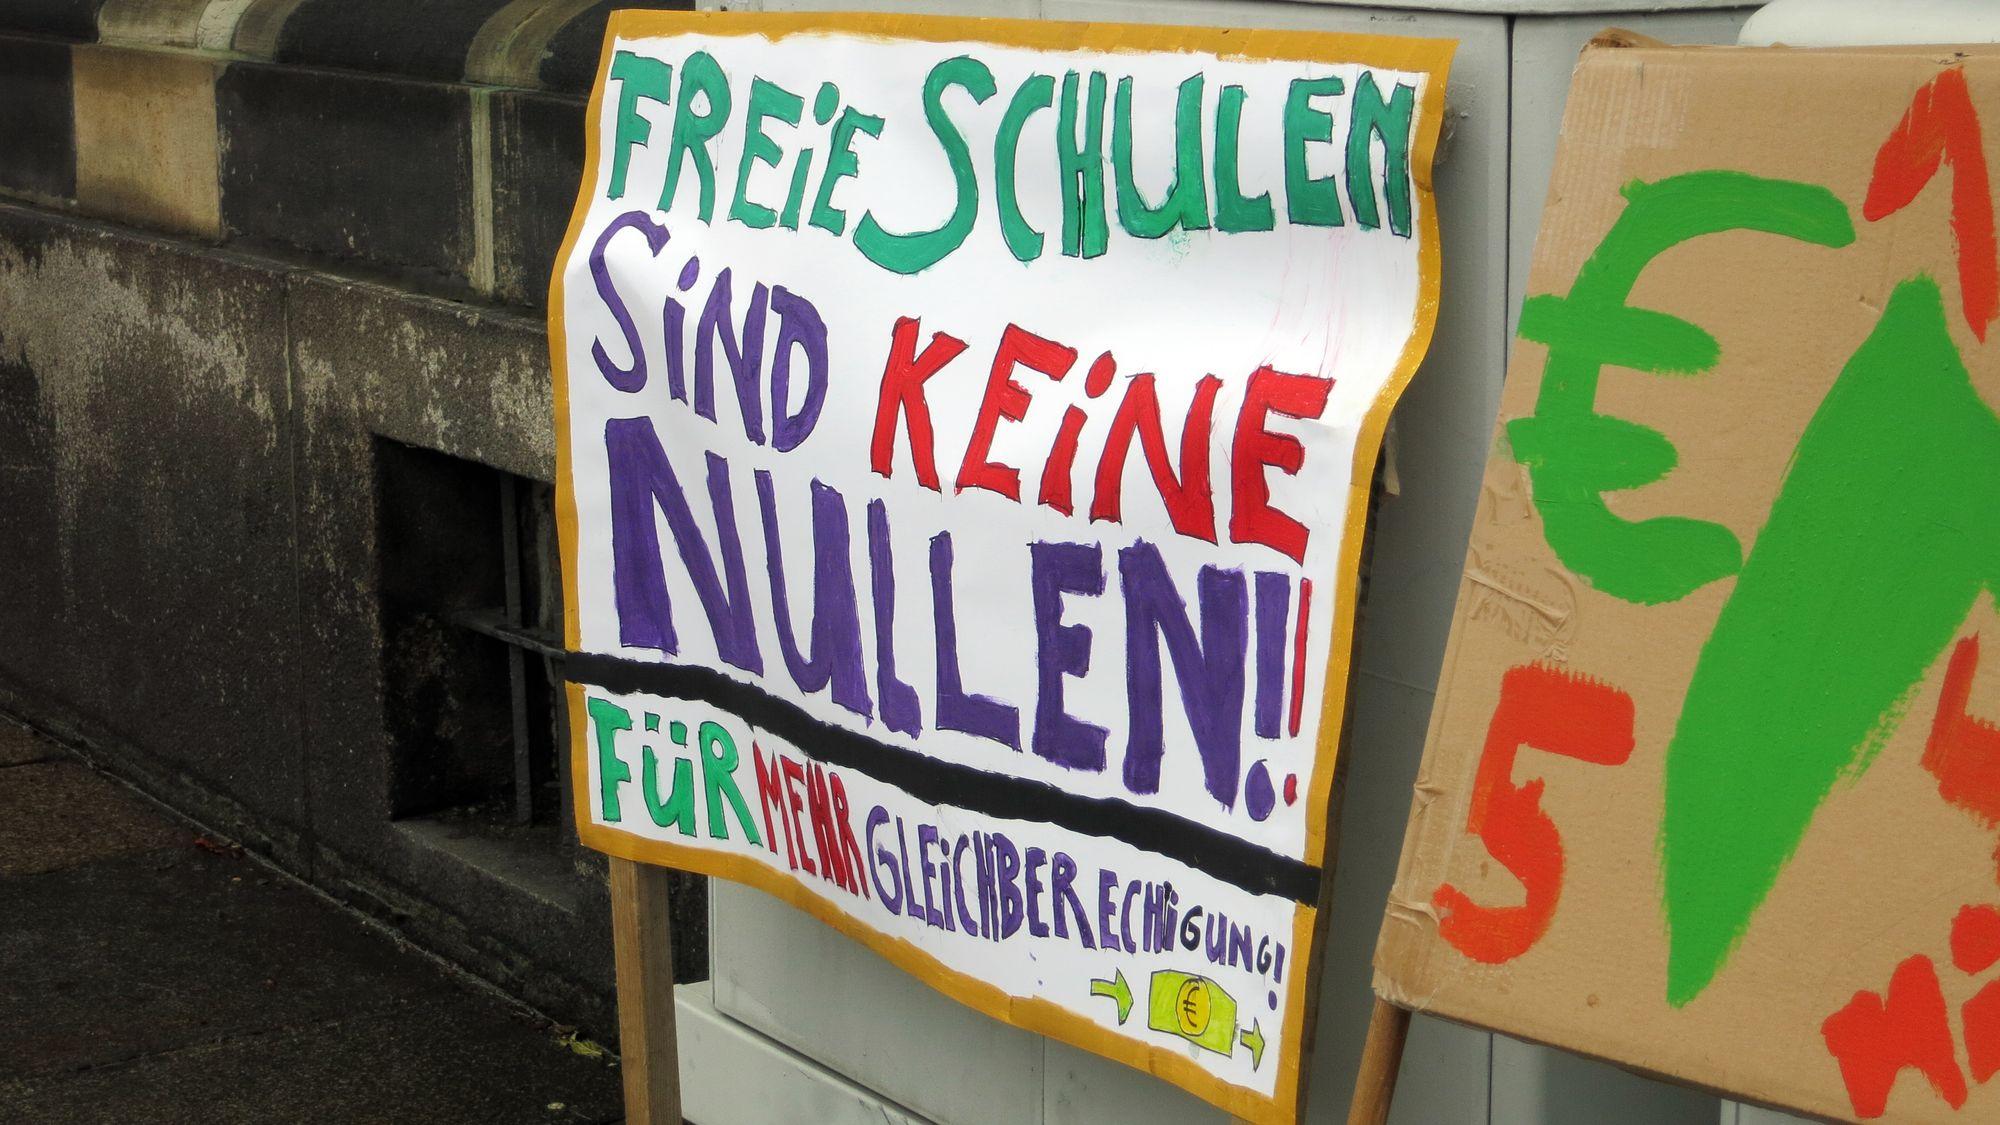 Freie Schüler fordern Zahlen